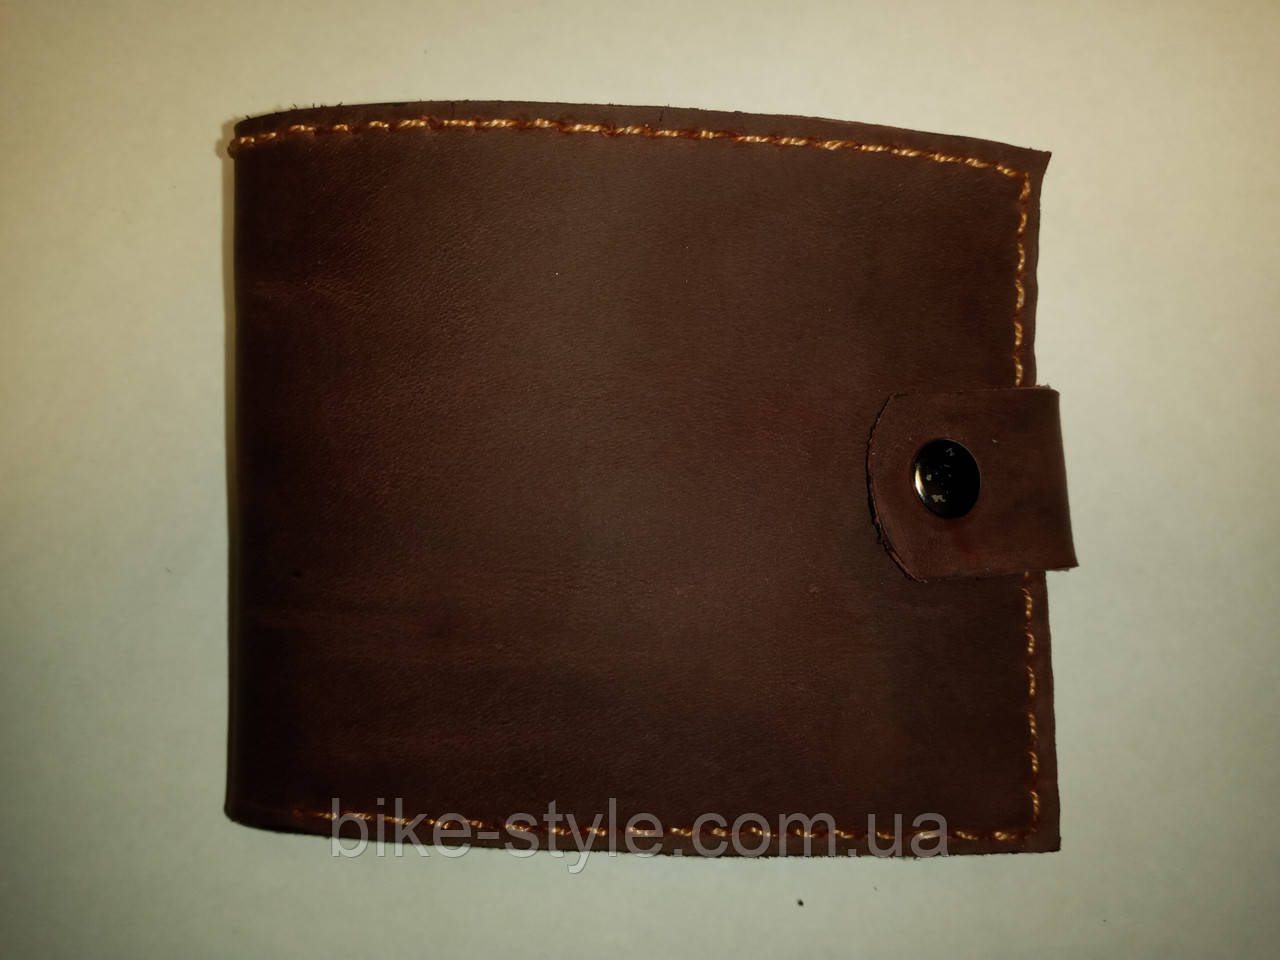 Портмоне AS Bordo, кожаный кошелек, бордовый из натуральной кожи